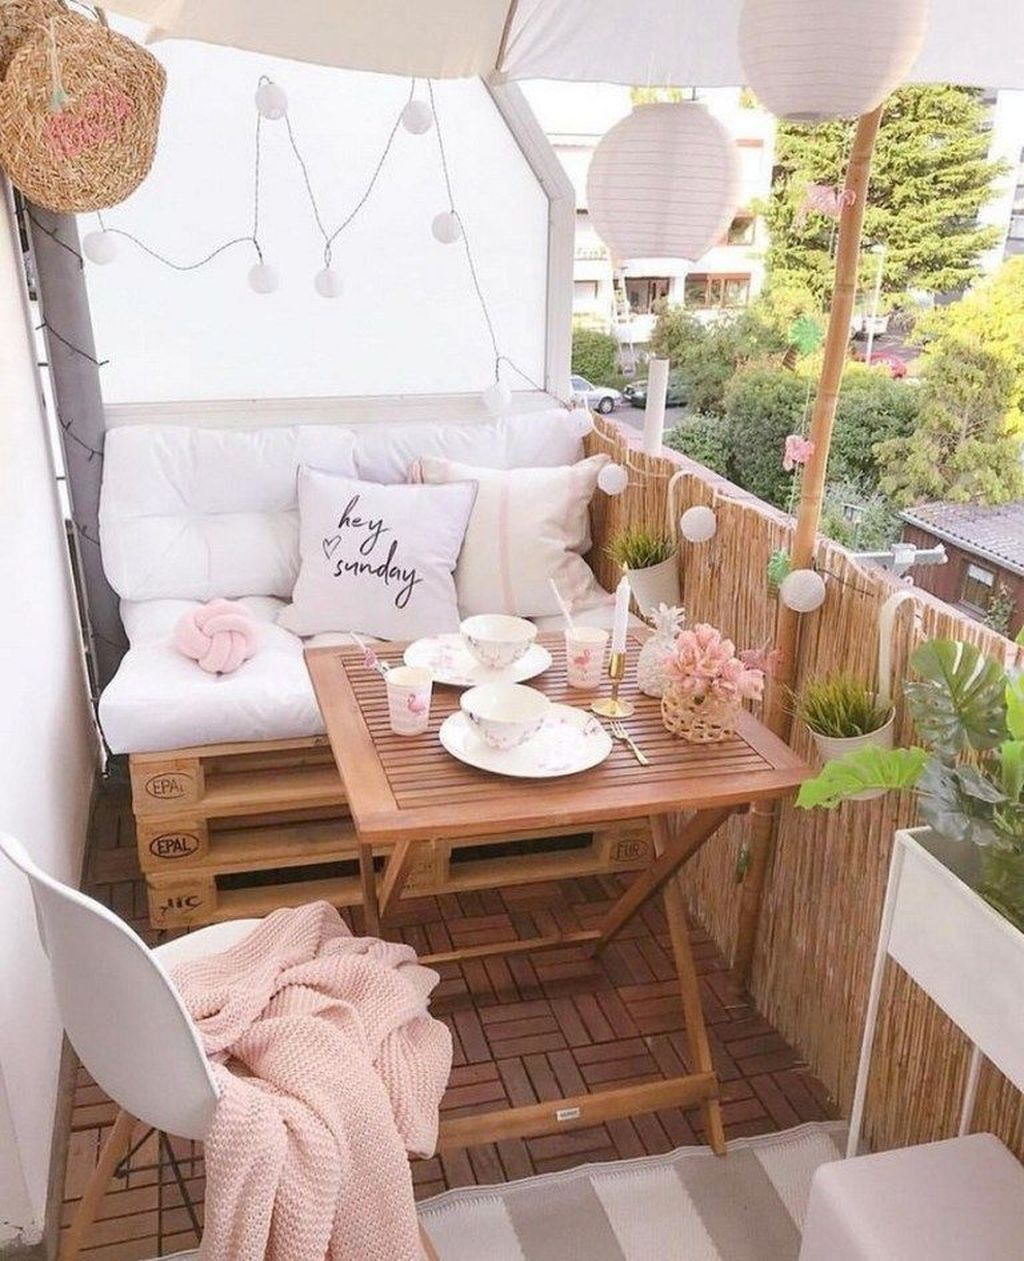 The Best Apartment Balcony Decor Ideas For Fall Season 08